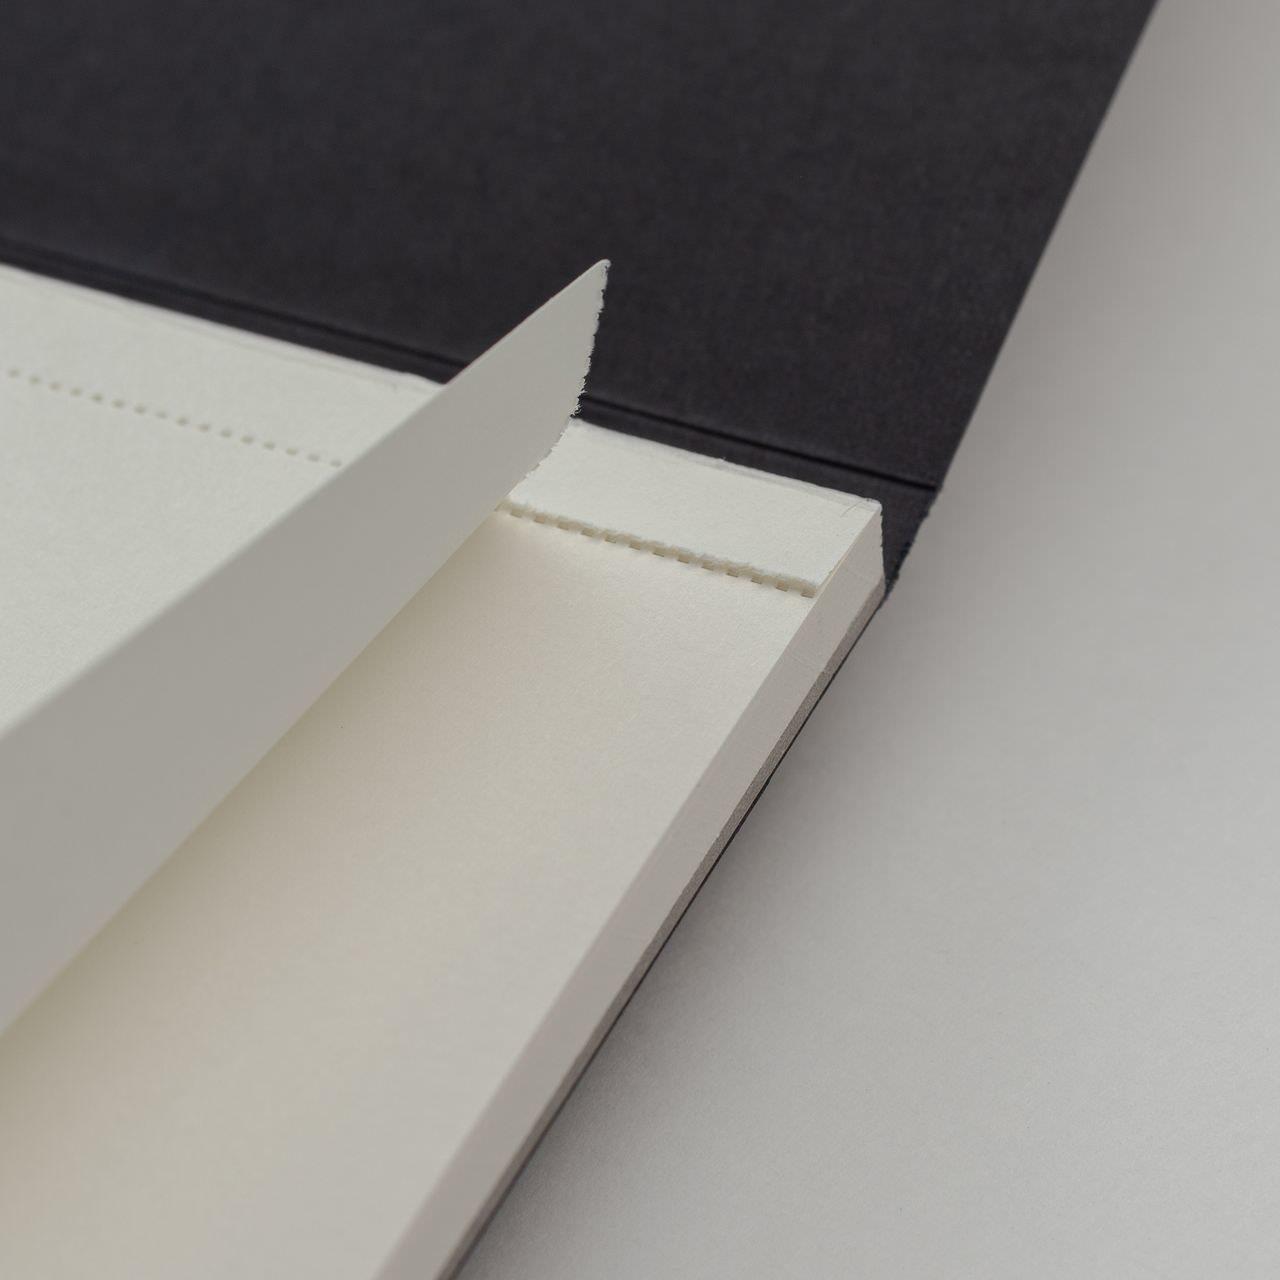 A4 Чёрный скетчбук с перфорацией Falafel books Sketchbook Black A4